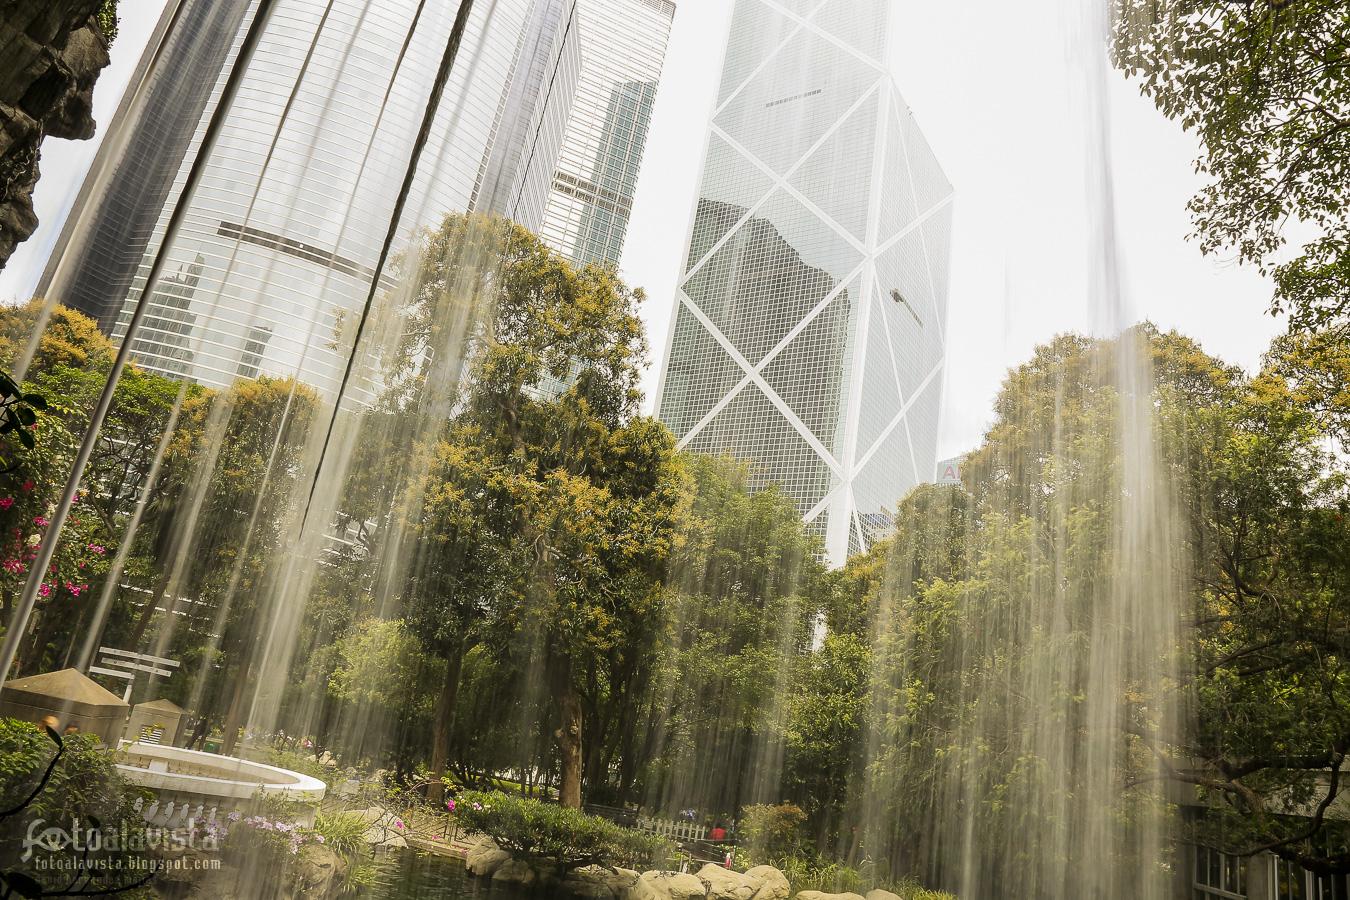 Cortinas de agua - Fotografía artística